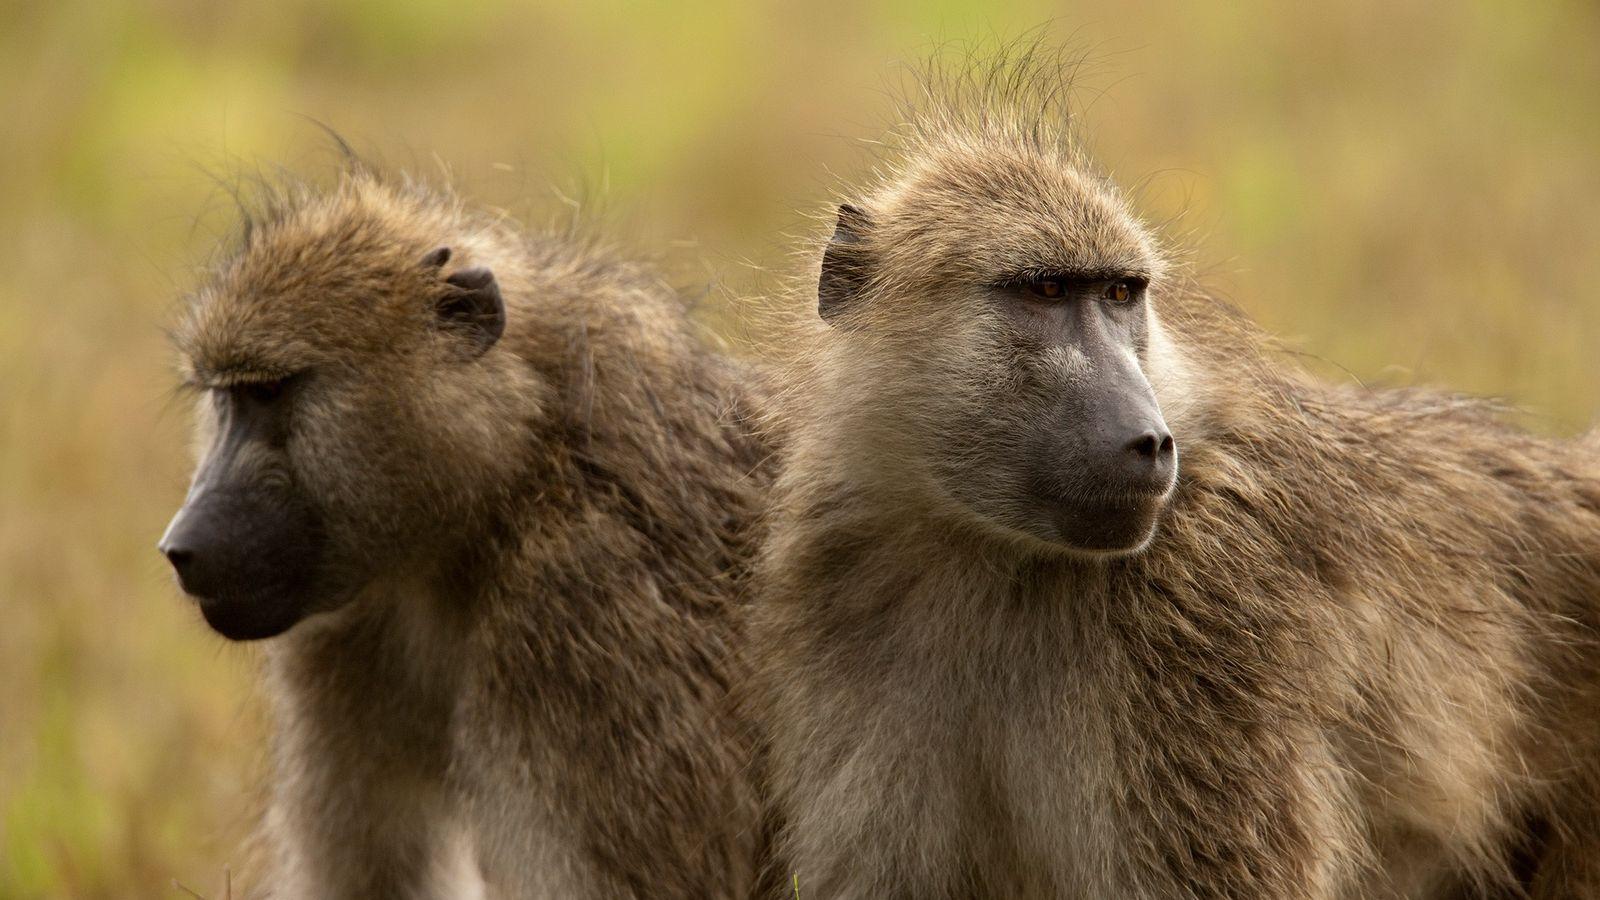 Os babuínos-pretos-acinzentados são os mais populares de todos os troféus de caça de primatas africanos.